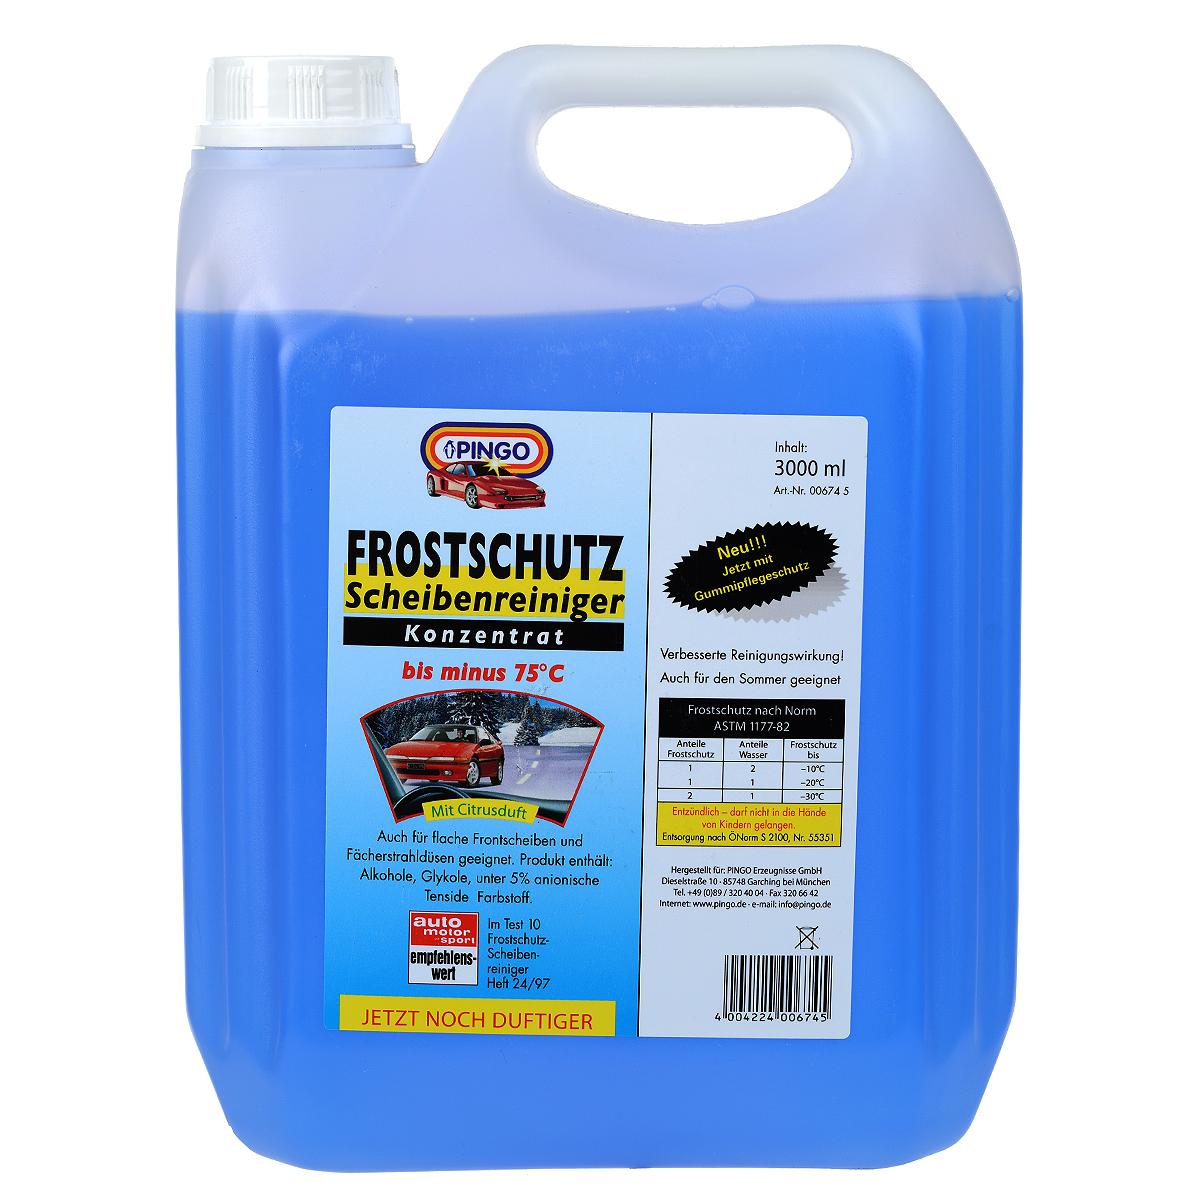 Незамерзающая стеклоочистительная жидкость Pingo, до -75°С, 3 л00674-5Обеспечивает быструю очистку лобового стекла автомобиля от дорожной грязи, химических реагентов, масляной пленки и т.д. Концентрат разбавляется водой в различных пропорциях в зависимости от температуры воздуха. Готовый состав не замерзает ни на стеклах, ни в шлангах, ни в форсунках стеклоомывателя.Благодаря наличию в составе активных моющих компонентов препарат эффективно и быстро очищает стекла от загрязнений, не оставляя разводов и мутной пленки. Содержит компоненты, удаляющие известковые отложения в шлангах и форсунках стеклоомывателя. Не повреждает лакокрасочное покрытие и пластик. Не содержит метанола. Изготовлена на базе изопропилового спирта.Способ применения: залить в бачок стеклоомывателя, разбавить водой в соответствии с таблицей, указанной на главной этикетке.Меры предосторожности: Избегать проглатывания и попадания в глаза. Не давать детям. Характеристики:Размер емкости: 19 см х 9,5 см х 25 см. Размер упаковки: 19 см х 9,5 см х 25 см. Состав: вода, изопропиловый спирт, моноэтиленгликоль, поверхностно-активные вещества, краситель, ароматизатор.